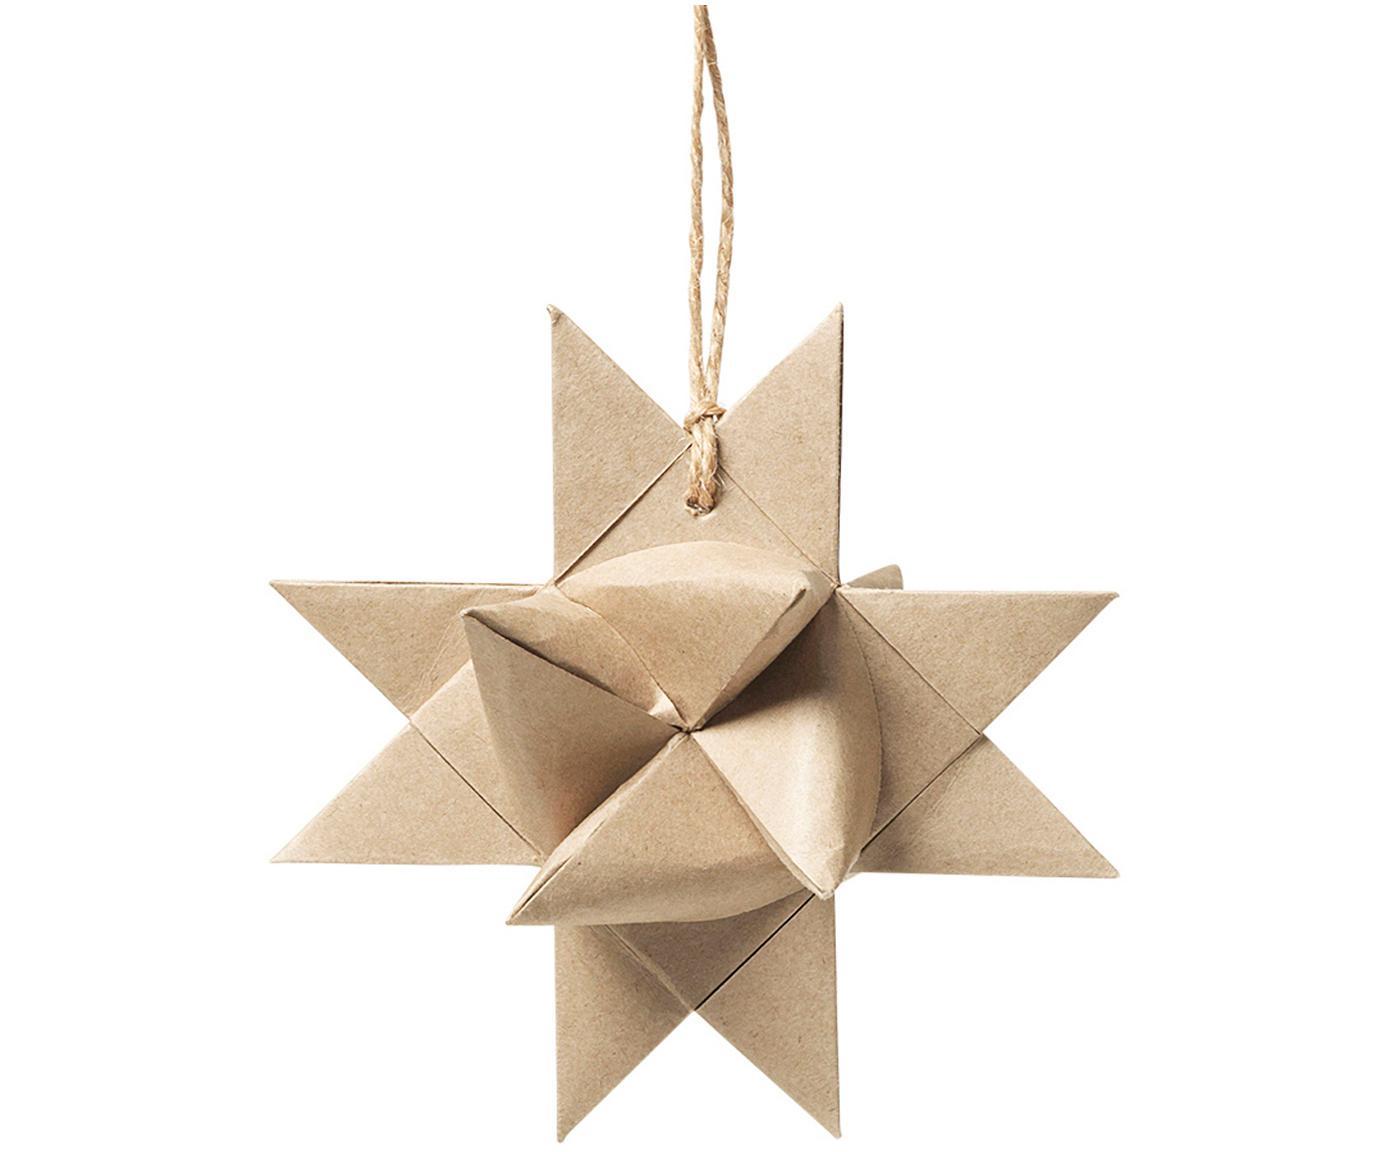 Baumanhänger Star Origami, 4 Stück, Papier, Beige, B 11 x T 11 cm